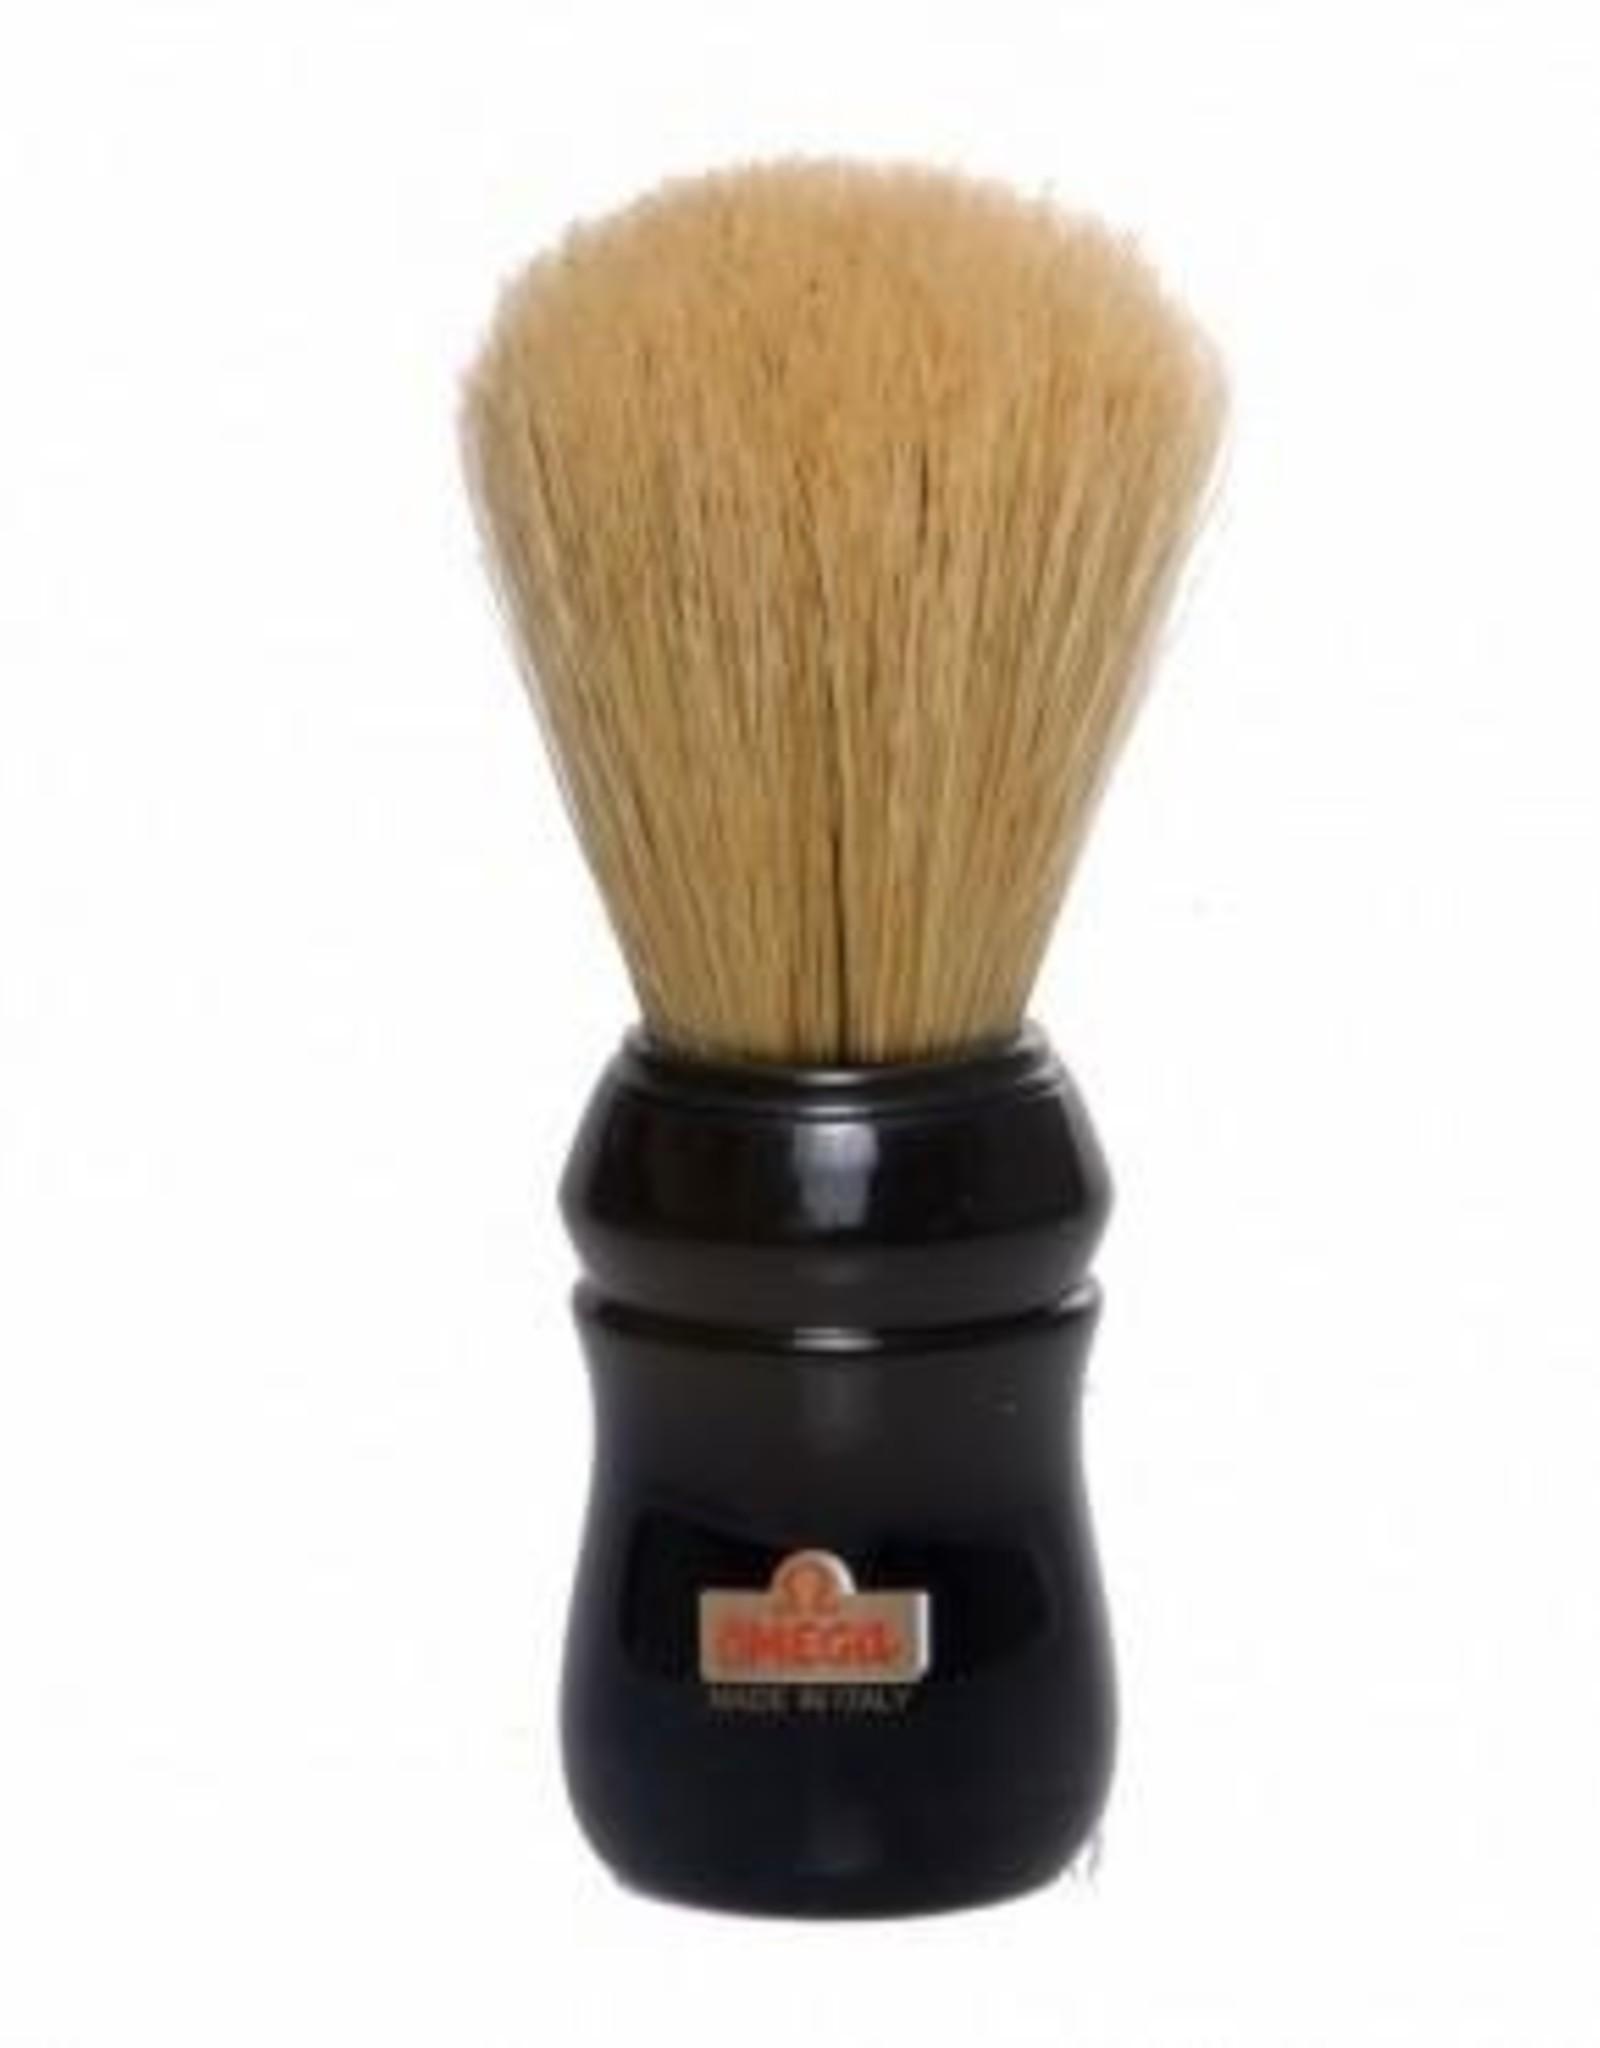 Detroit Grooming Co. Detroit Grooming Co. | Shaving Brush